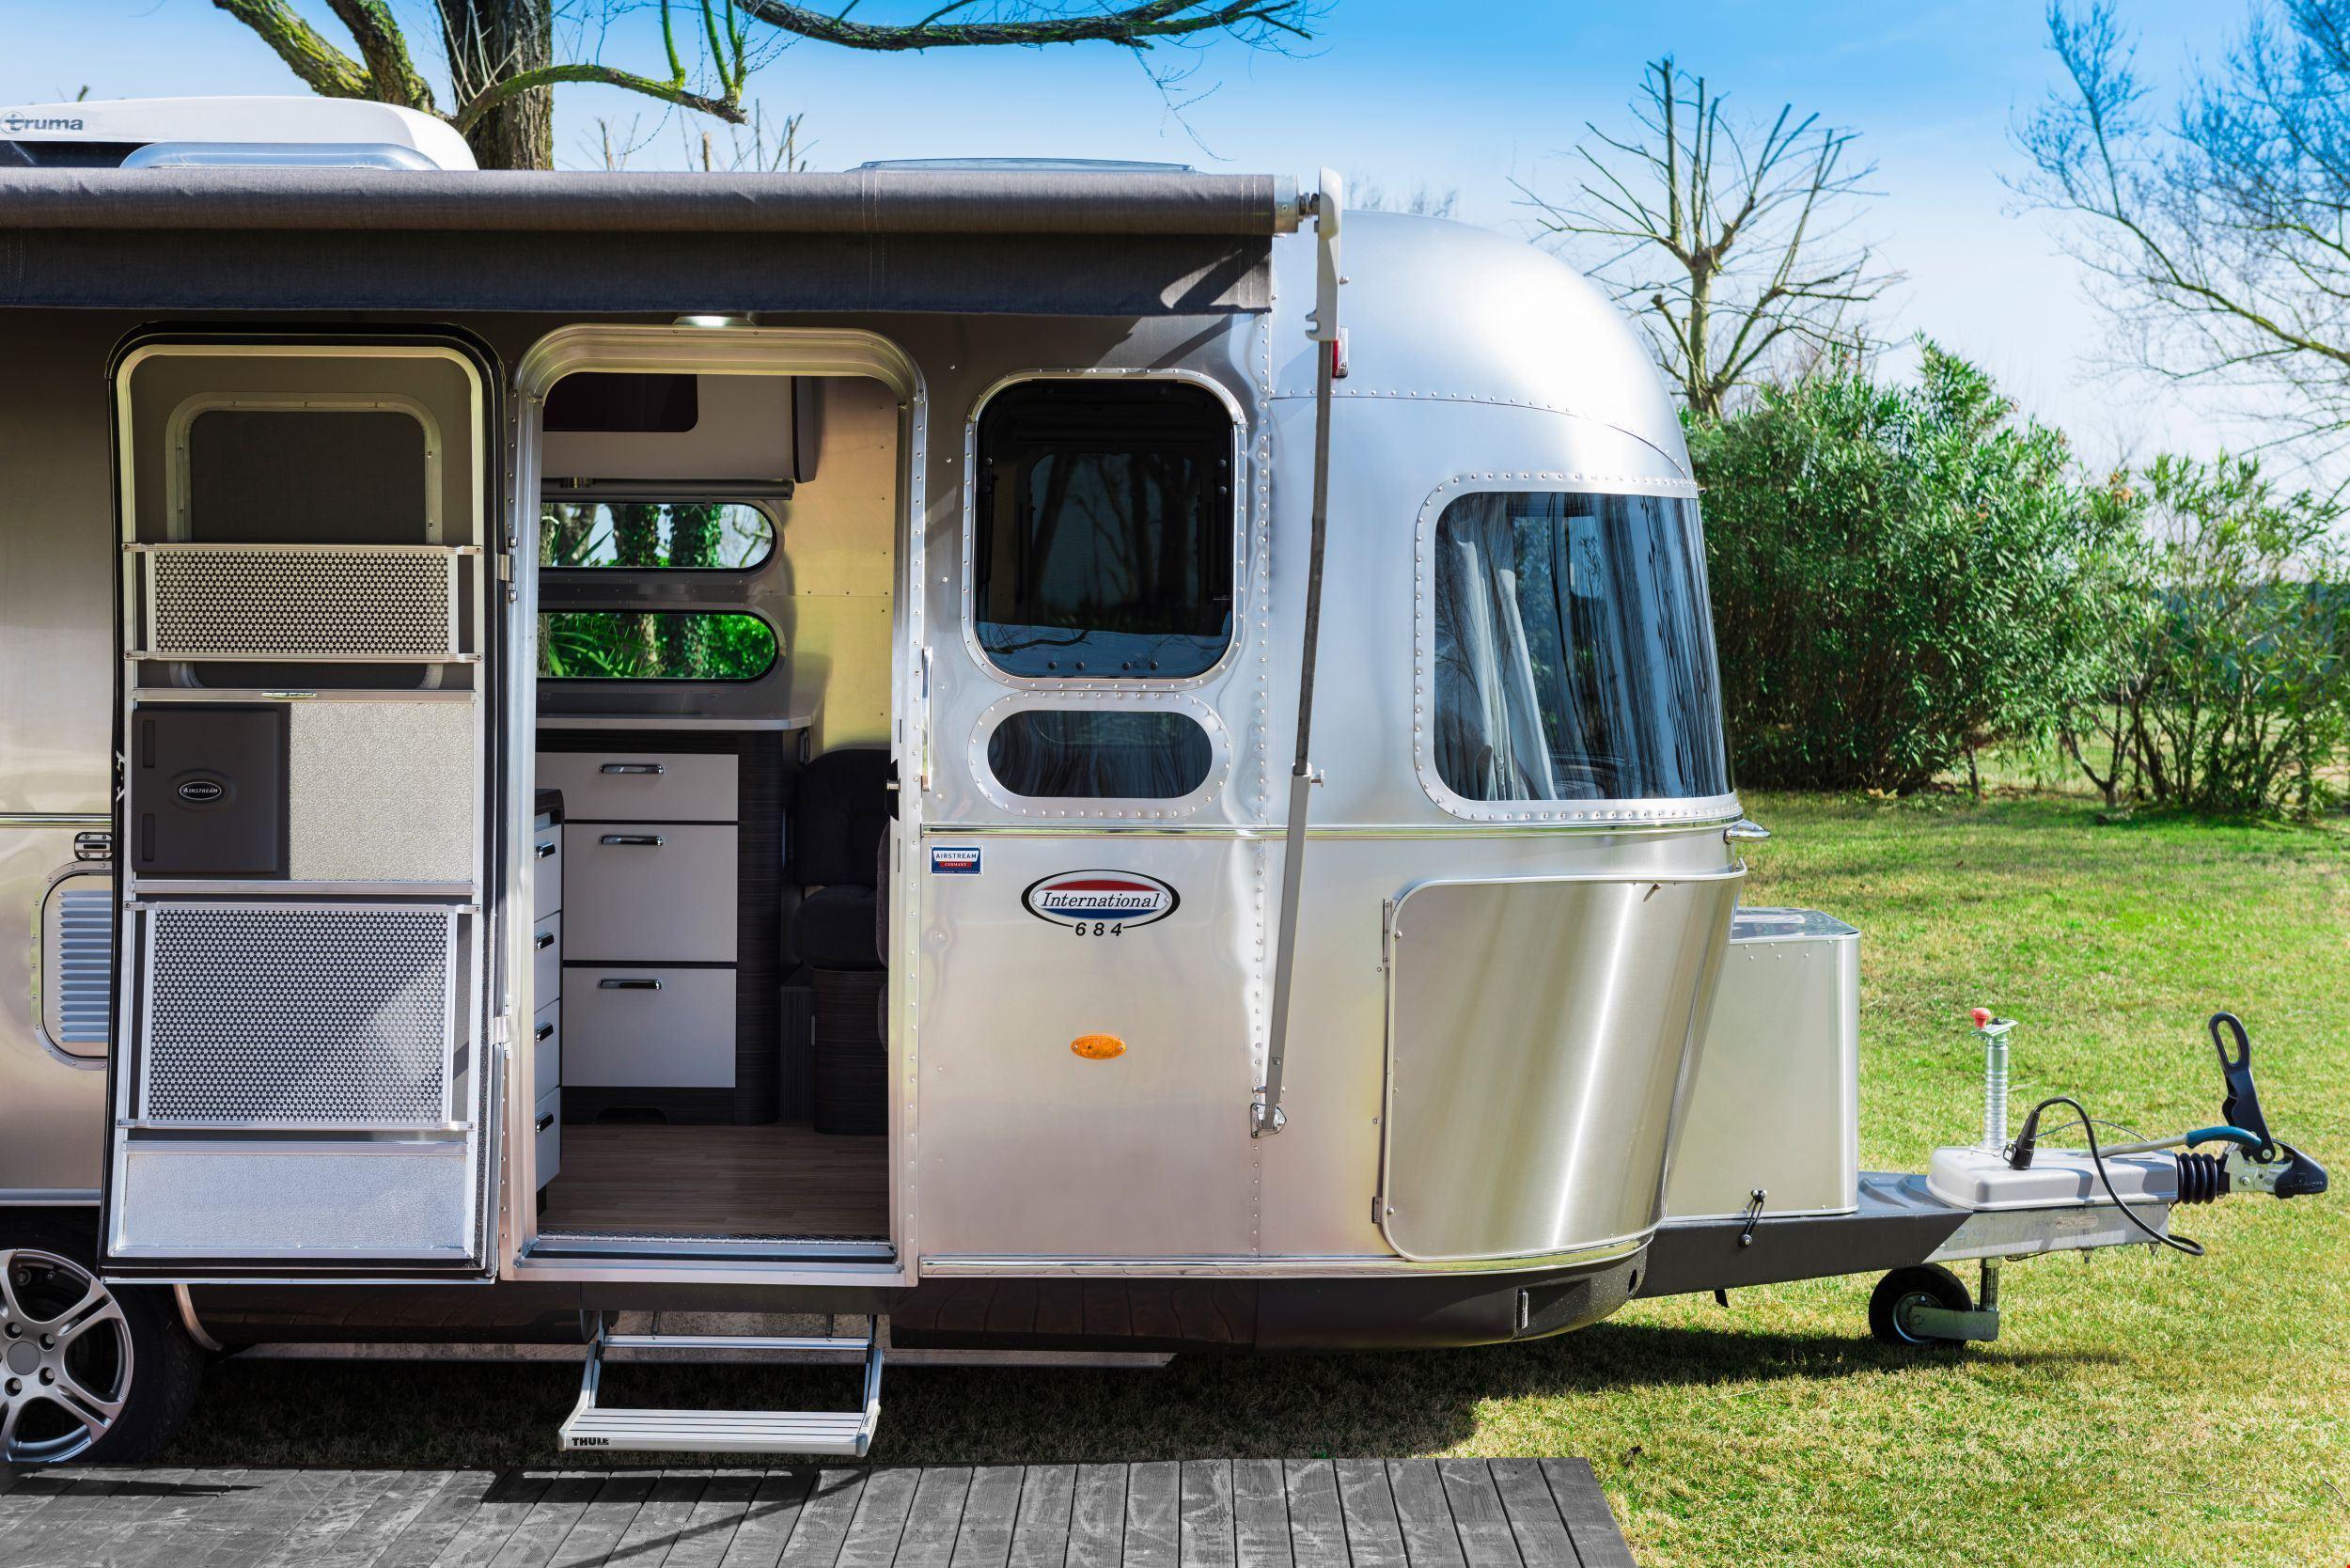 Caravan Airstream